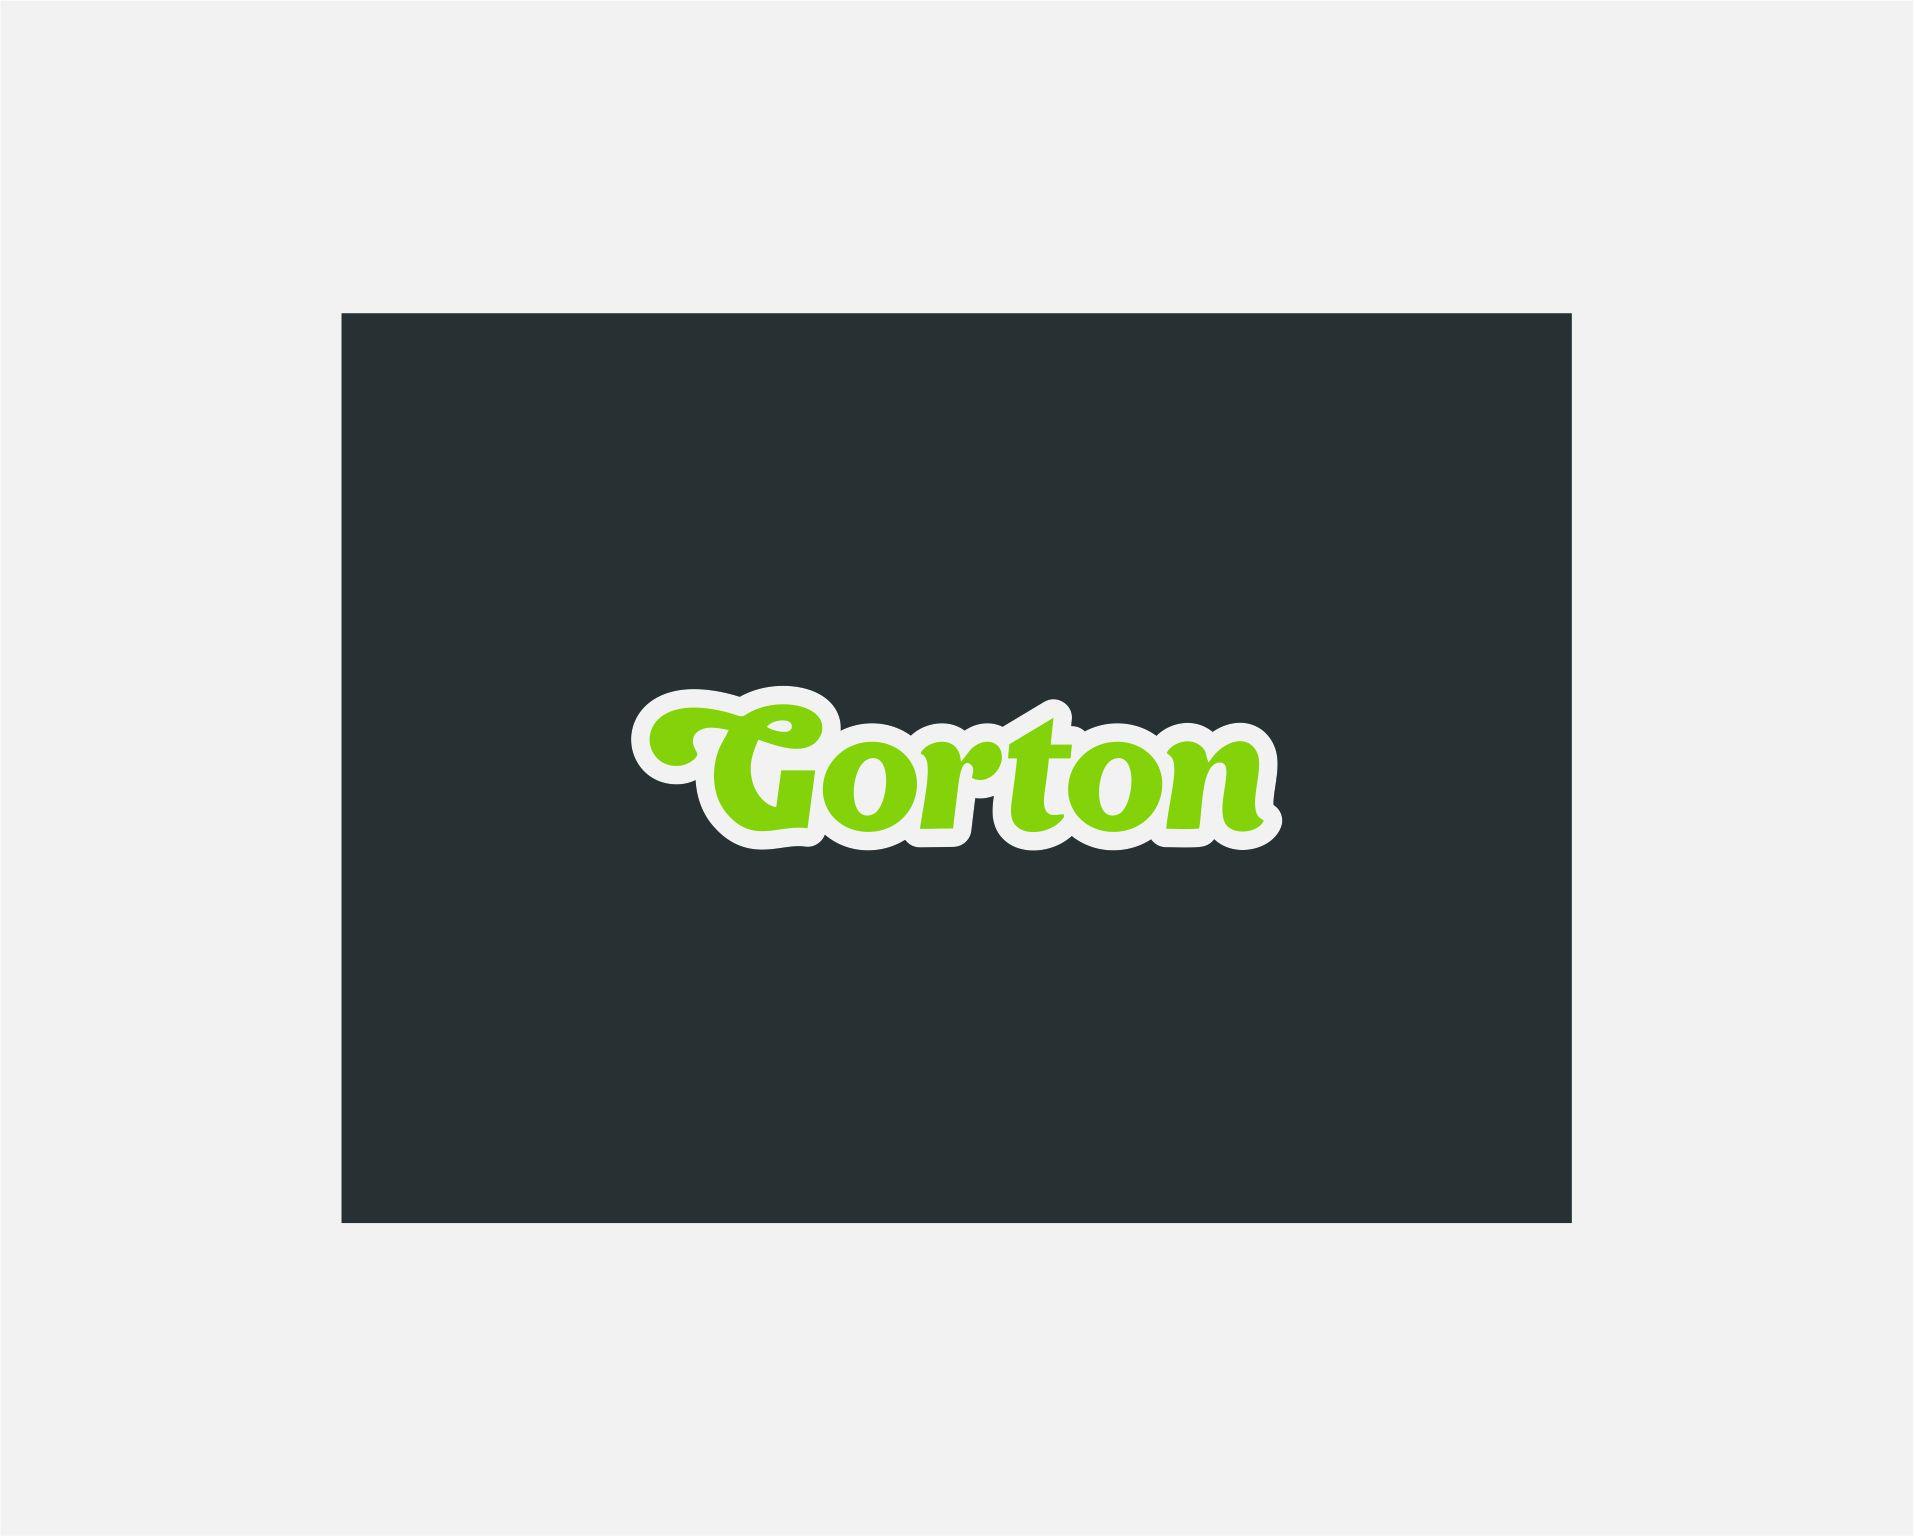 Гортон - дизайнер petrik88